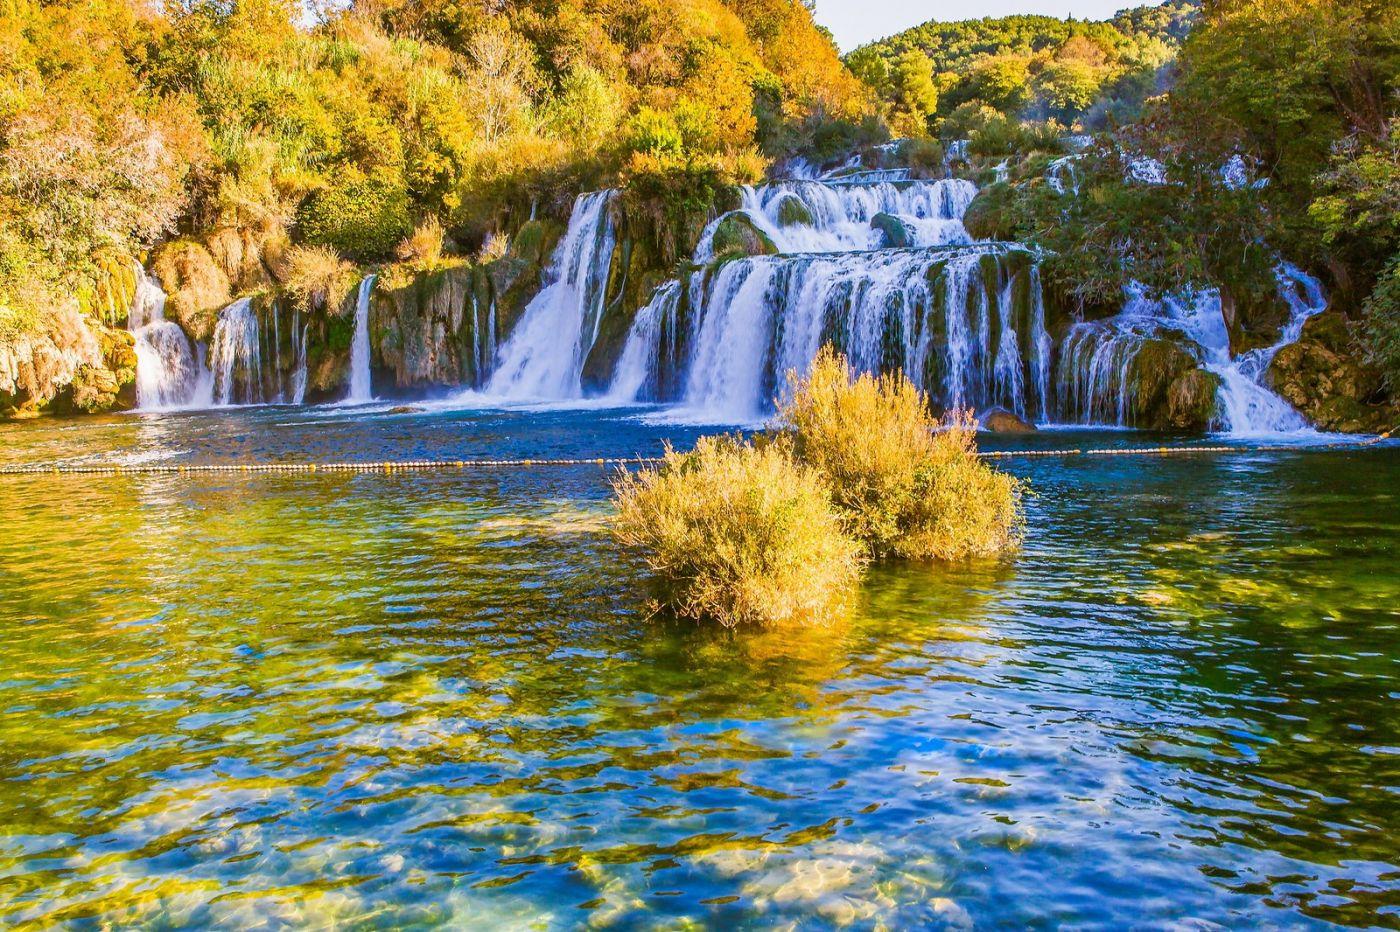 克罗地亚克尔卡国家公园(Krka National Park),瀑布瀑布瀑布_图1-3